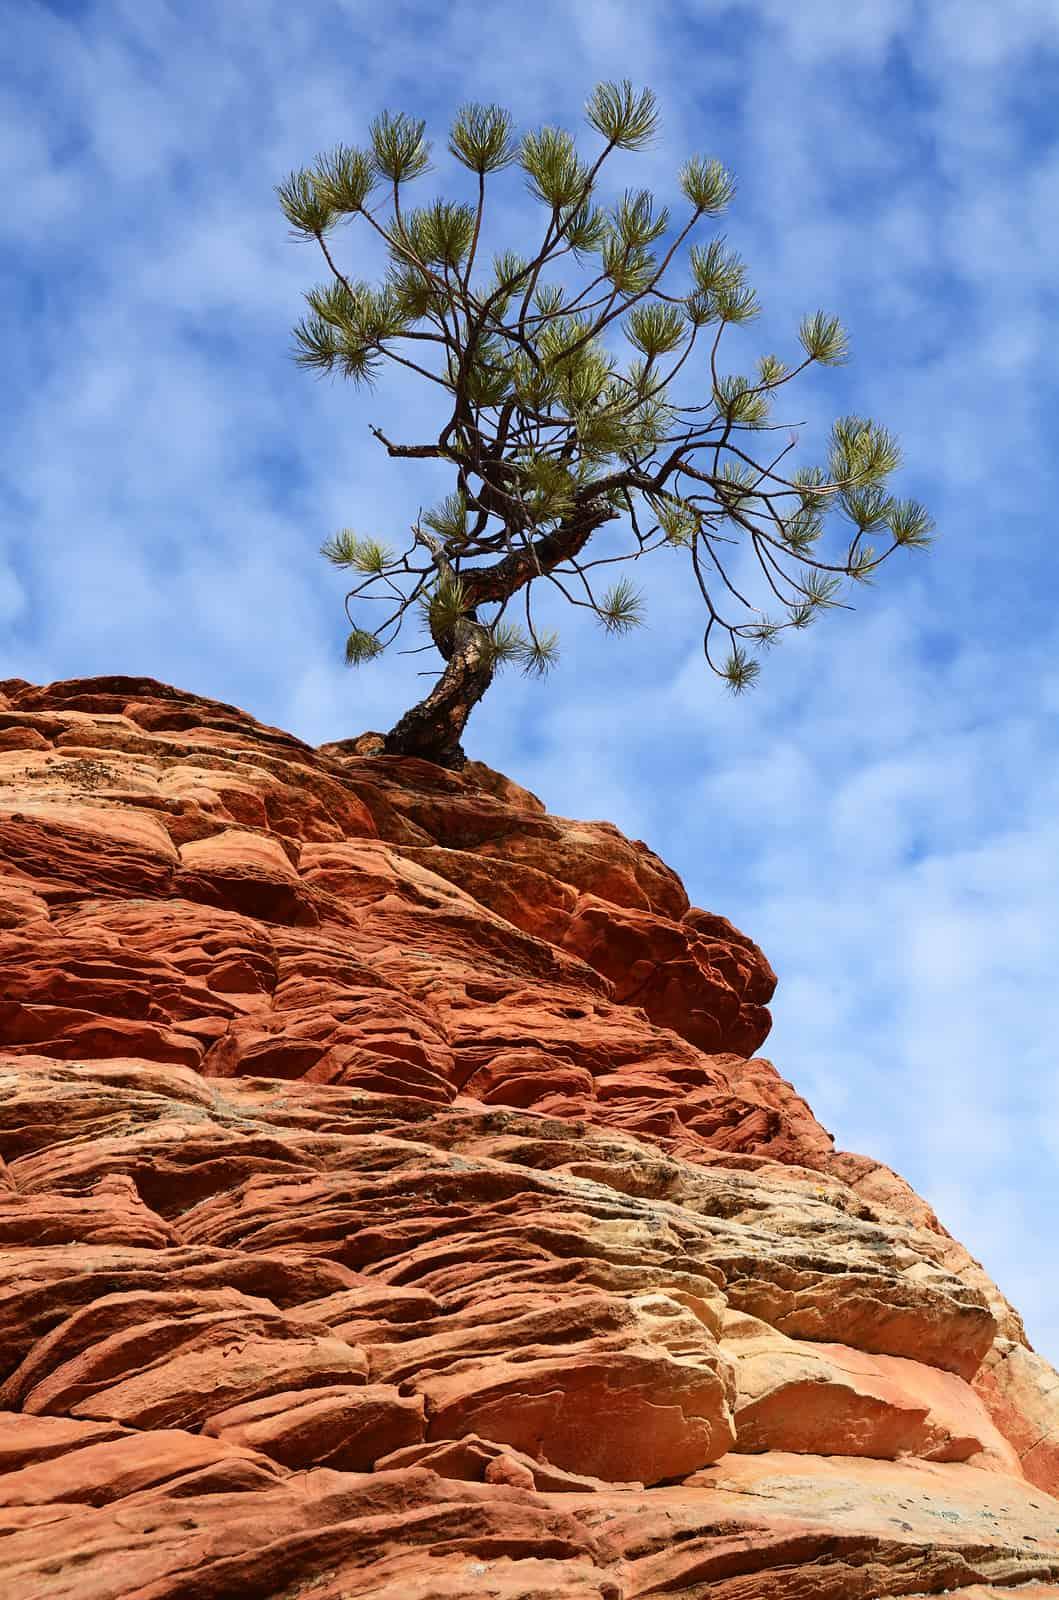 The Pinyon Pine